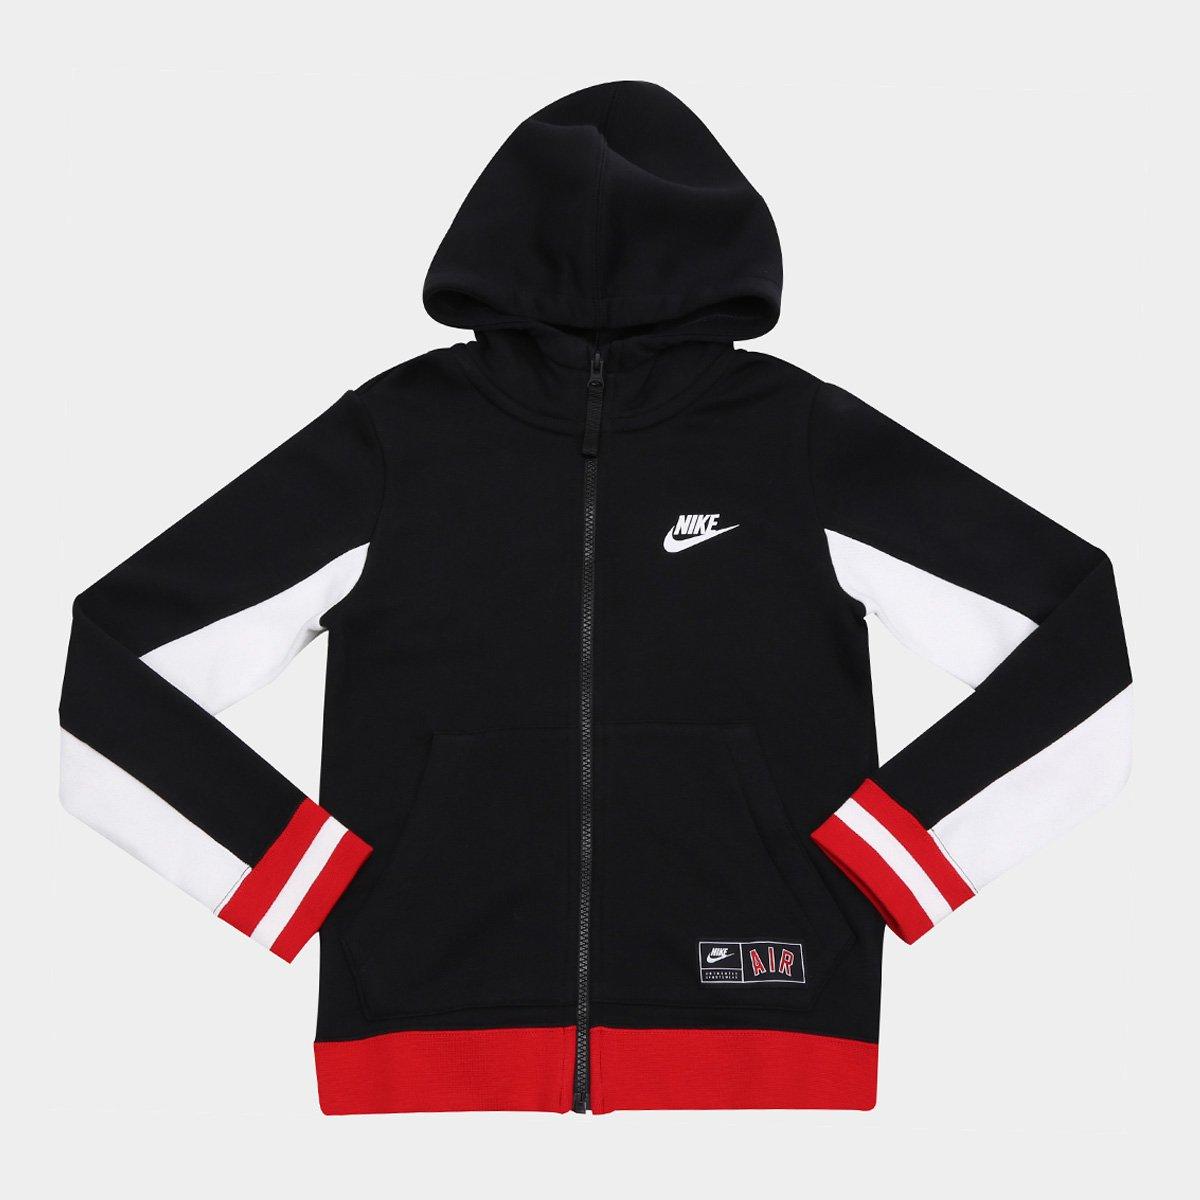 561dc1d98cf98 Jaqueta Infantil Nike B Air Hoodie Masculina - Preto e Vermelho - Compre  Agora